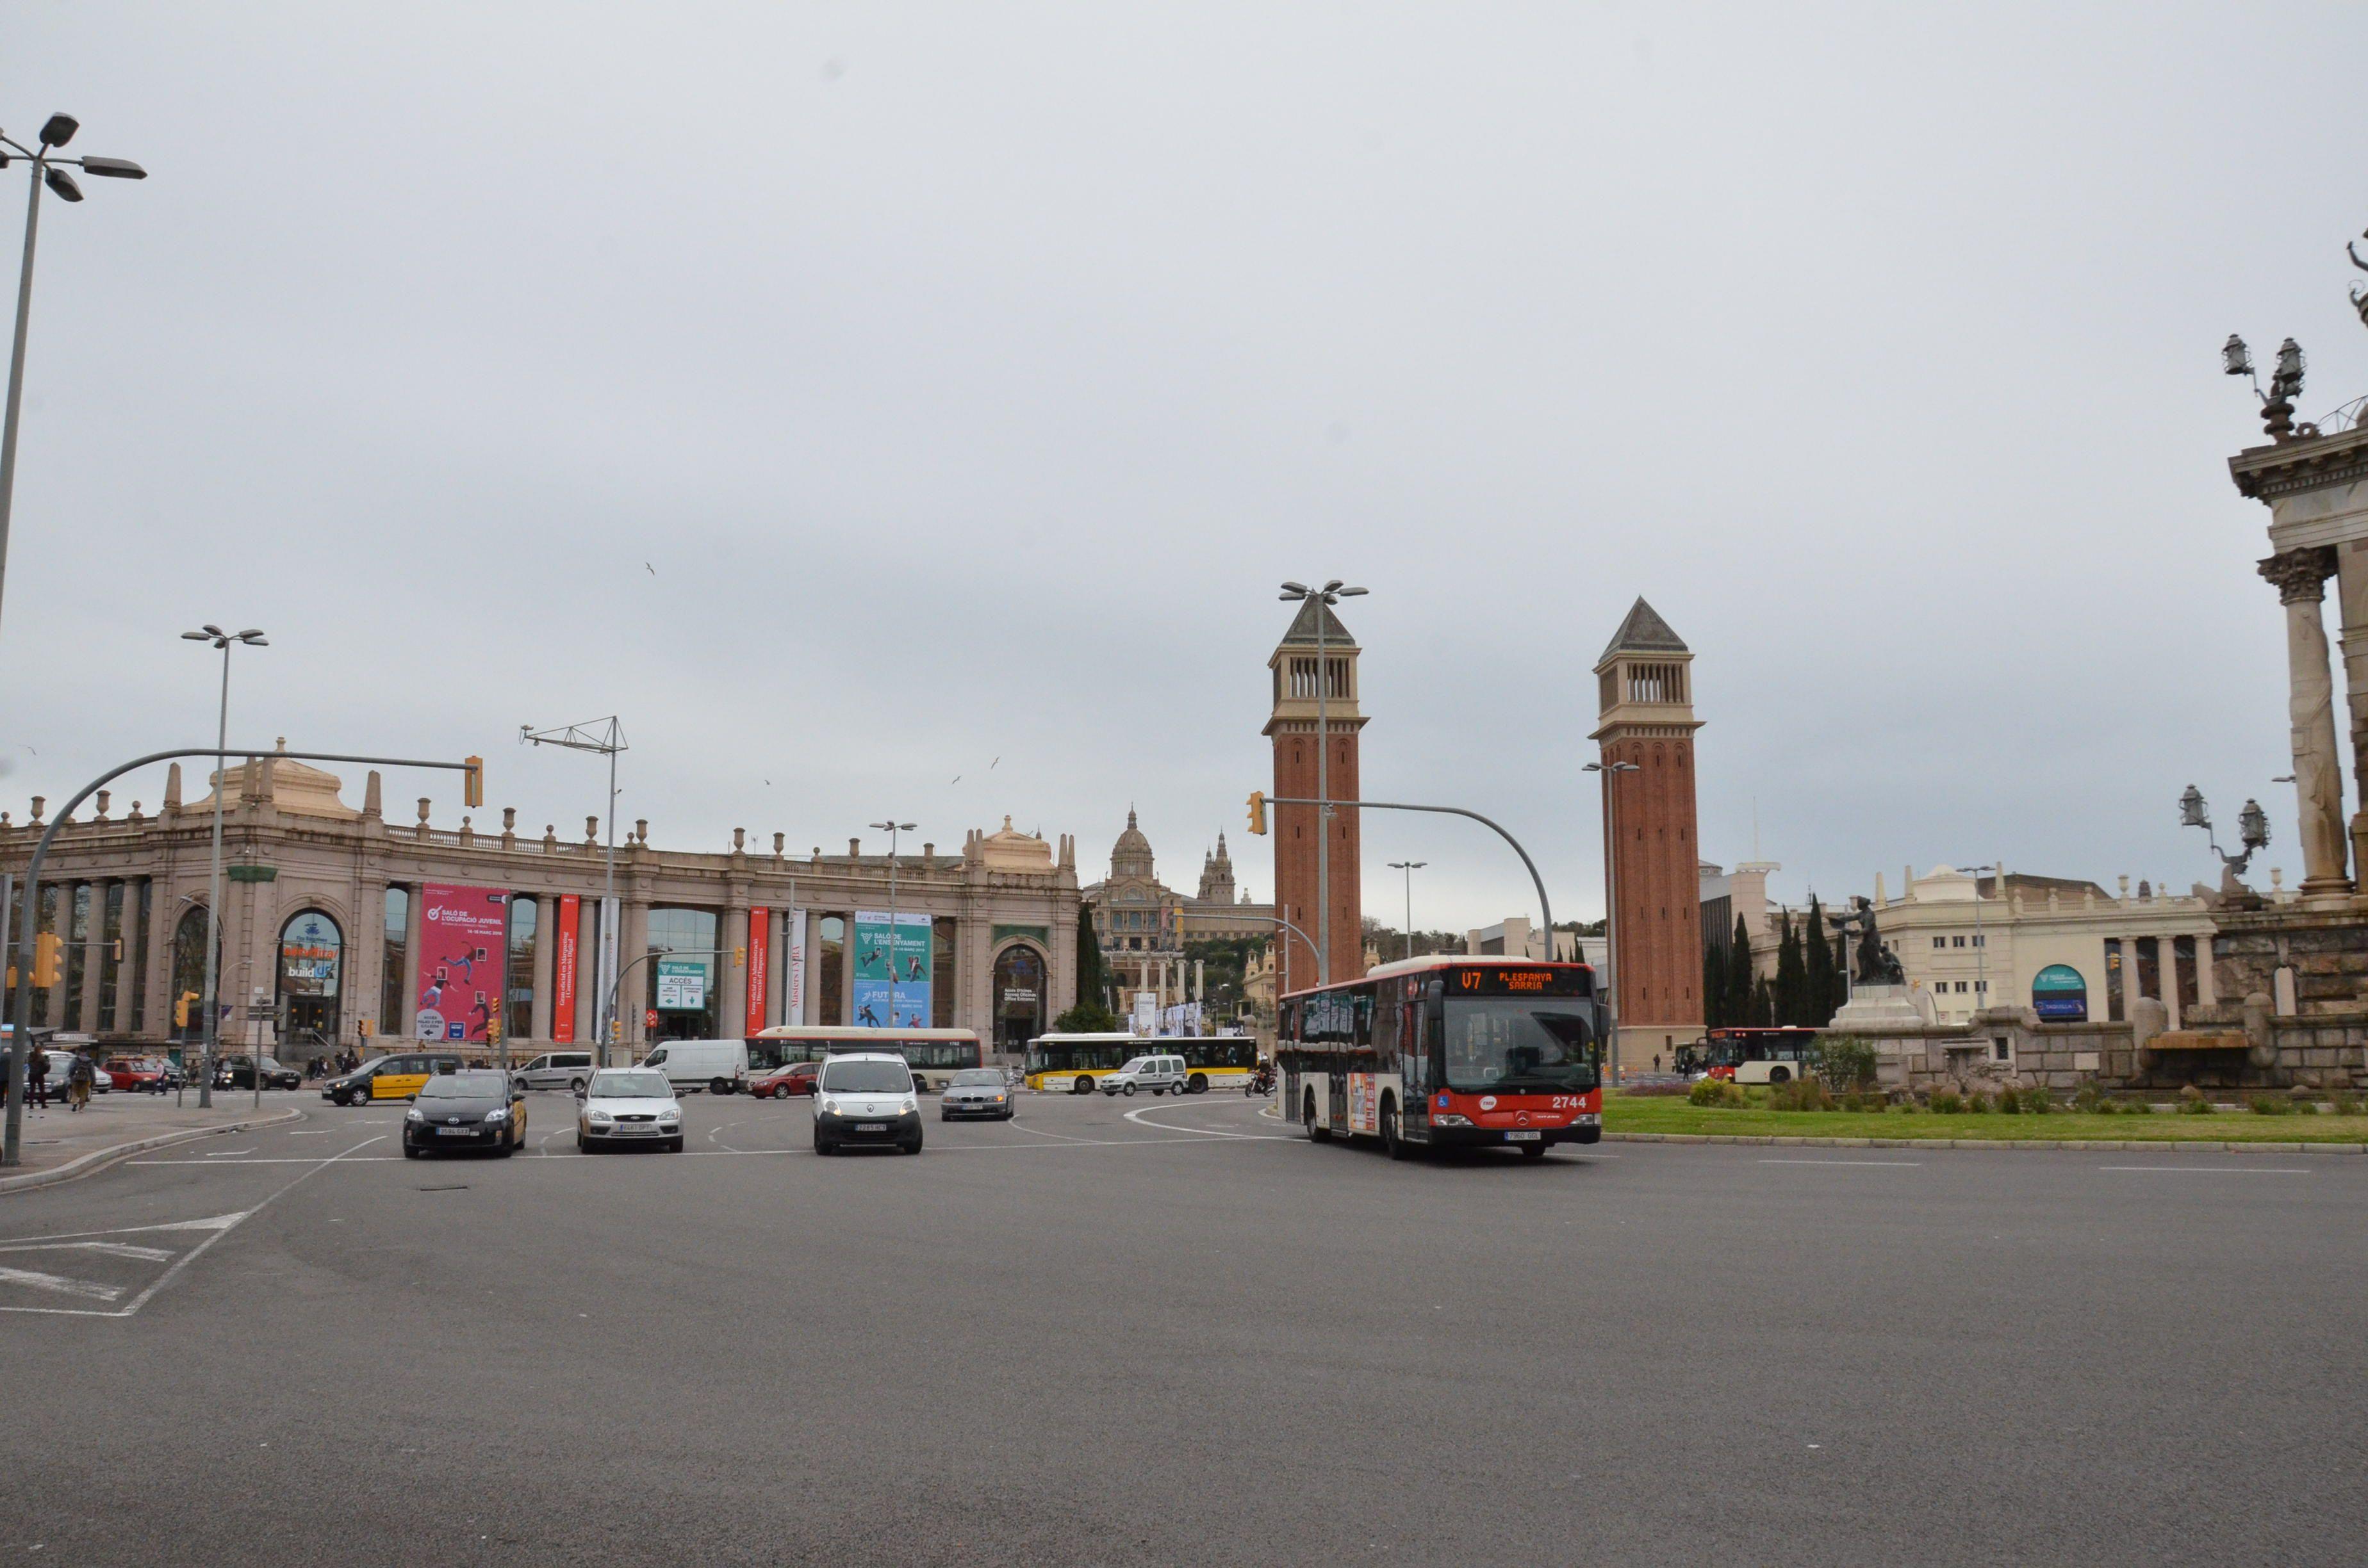 Plaza de España, Barcelona